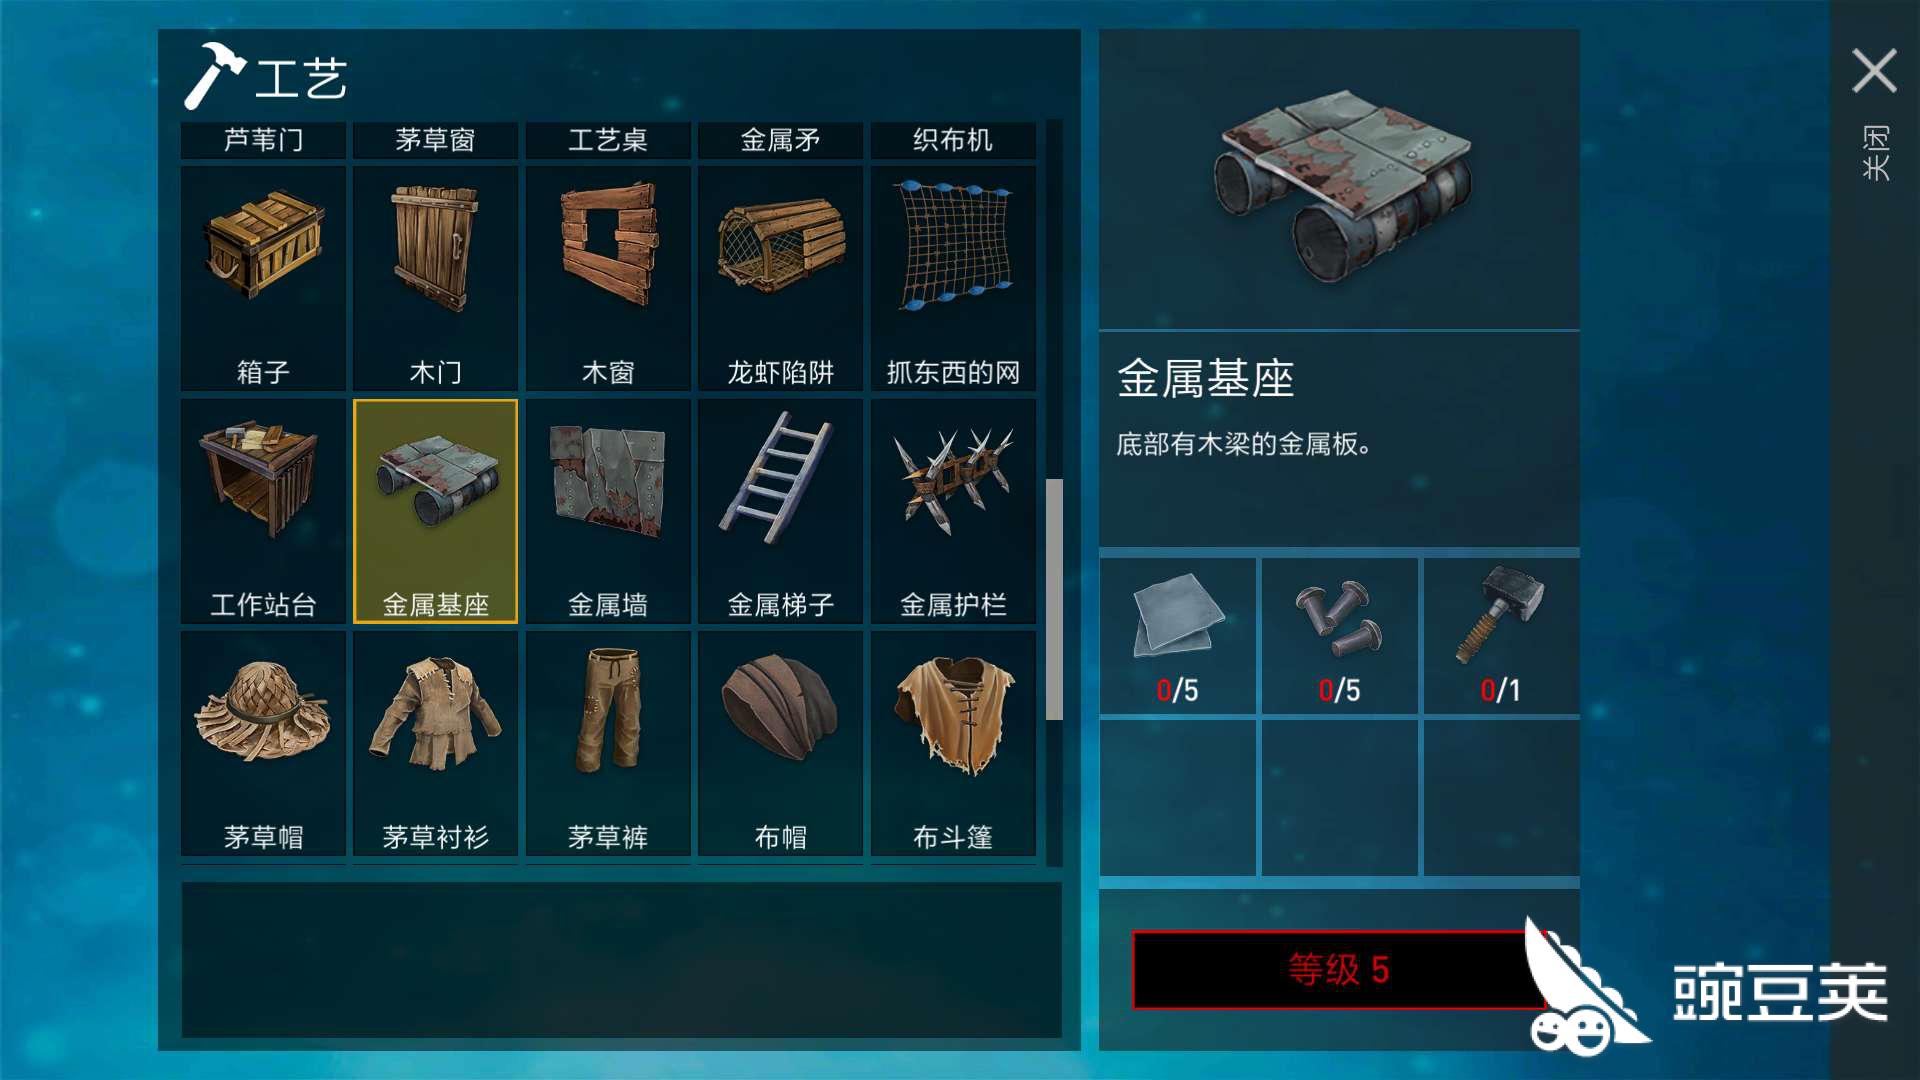 木筏求生绝地生存船怎么组装,初级造船师攻略_豌豆荚